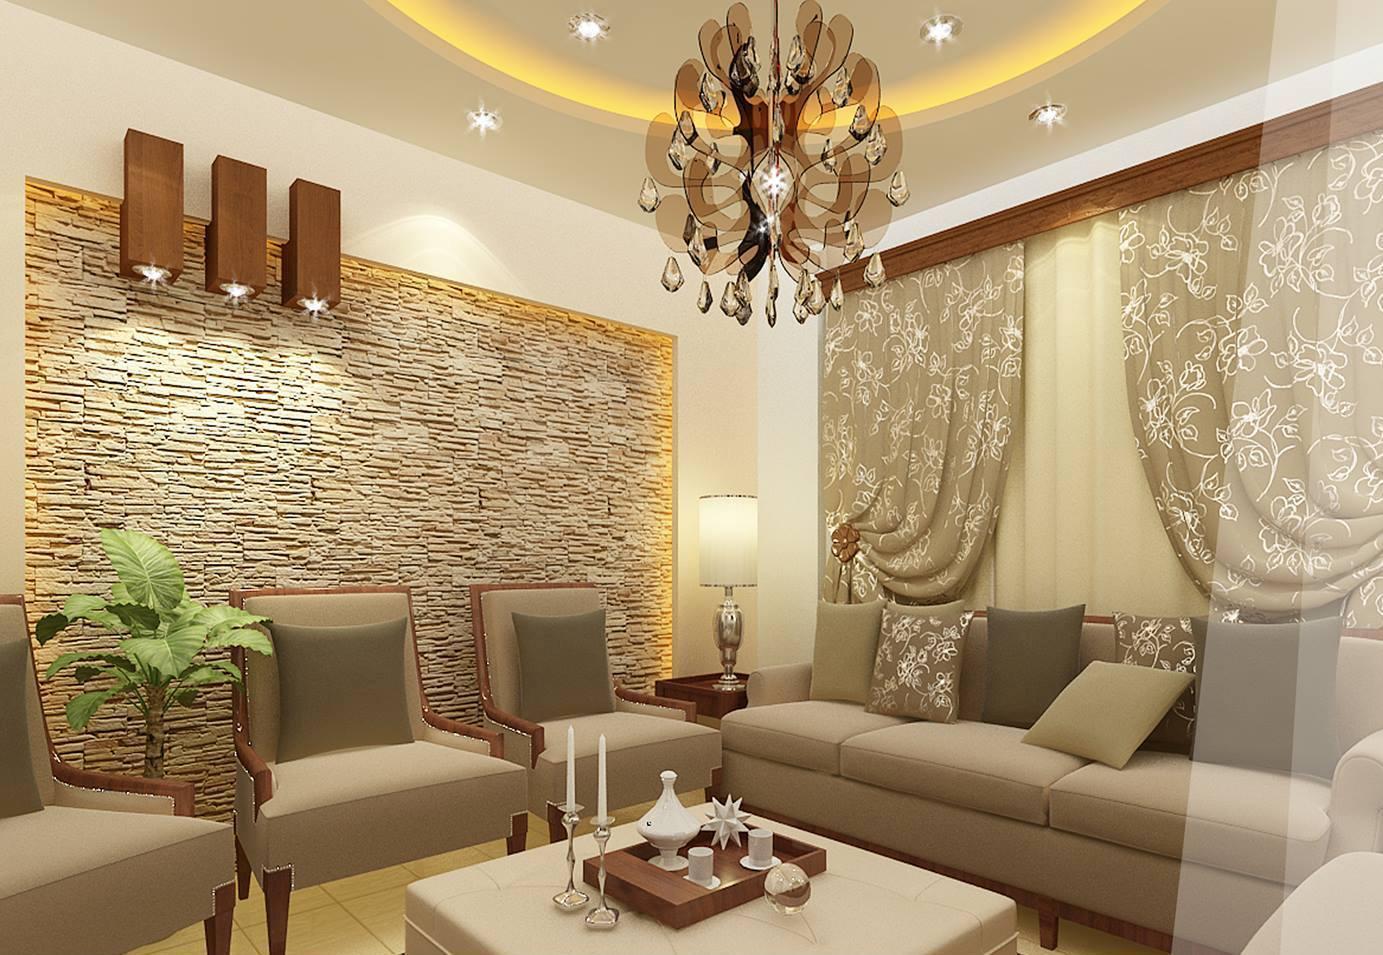 صورة تزيين المنزل , اروع اشكال الزينة في المنازل 3940 5